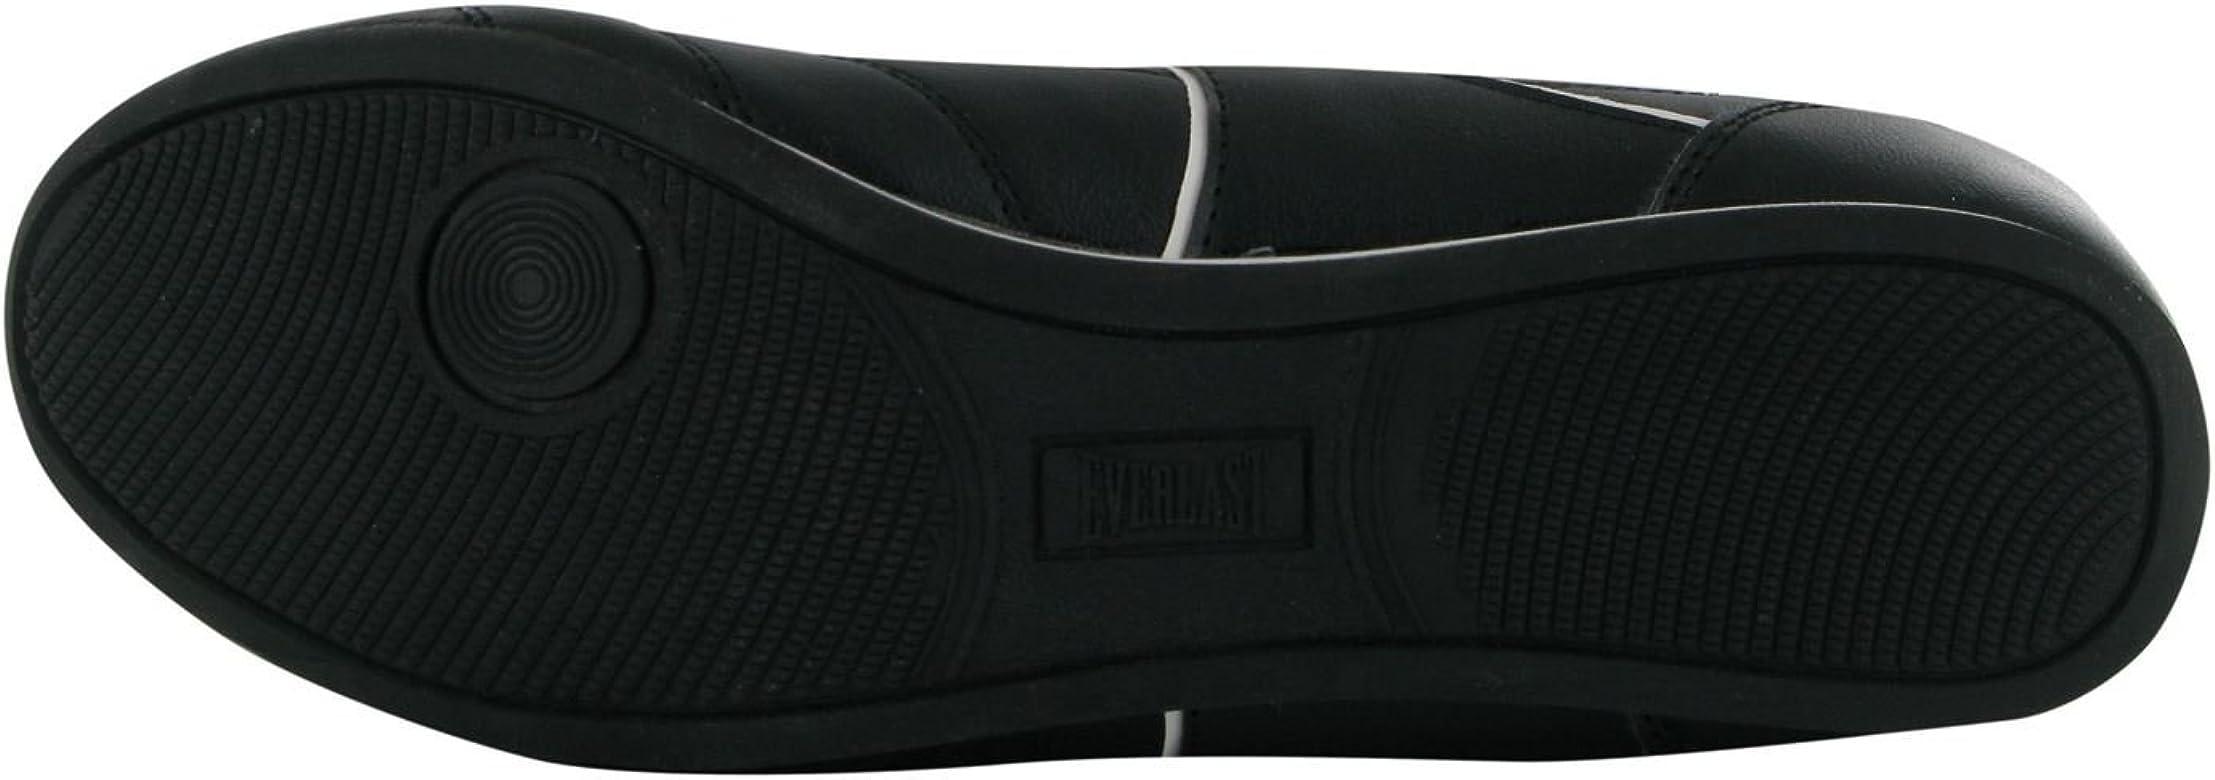 Everlast Judofast - Zapatillas deportivas para hombre, color Negro, talla 44 EU: Amazon.es: Zapatos y complementos